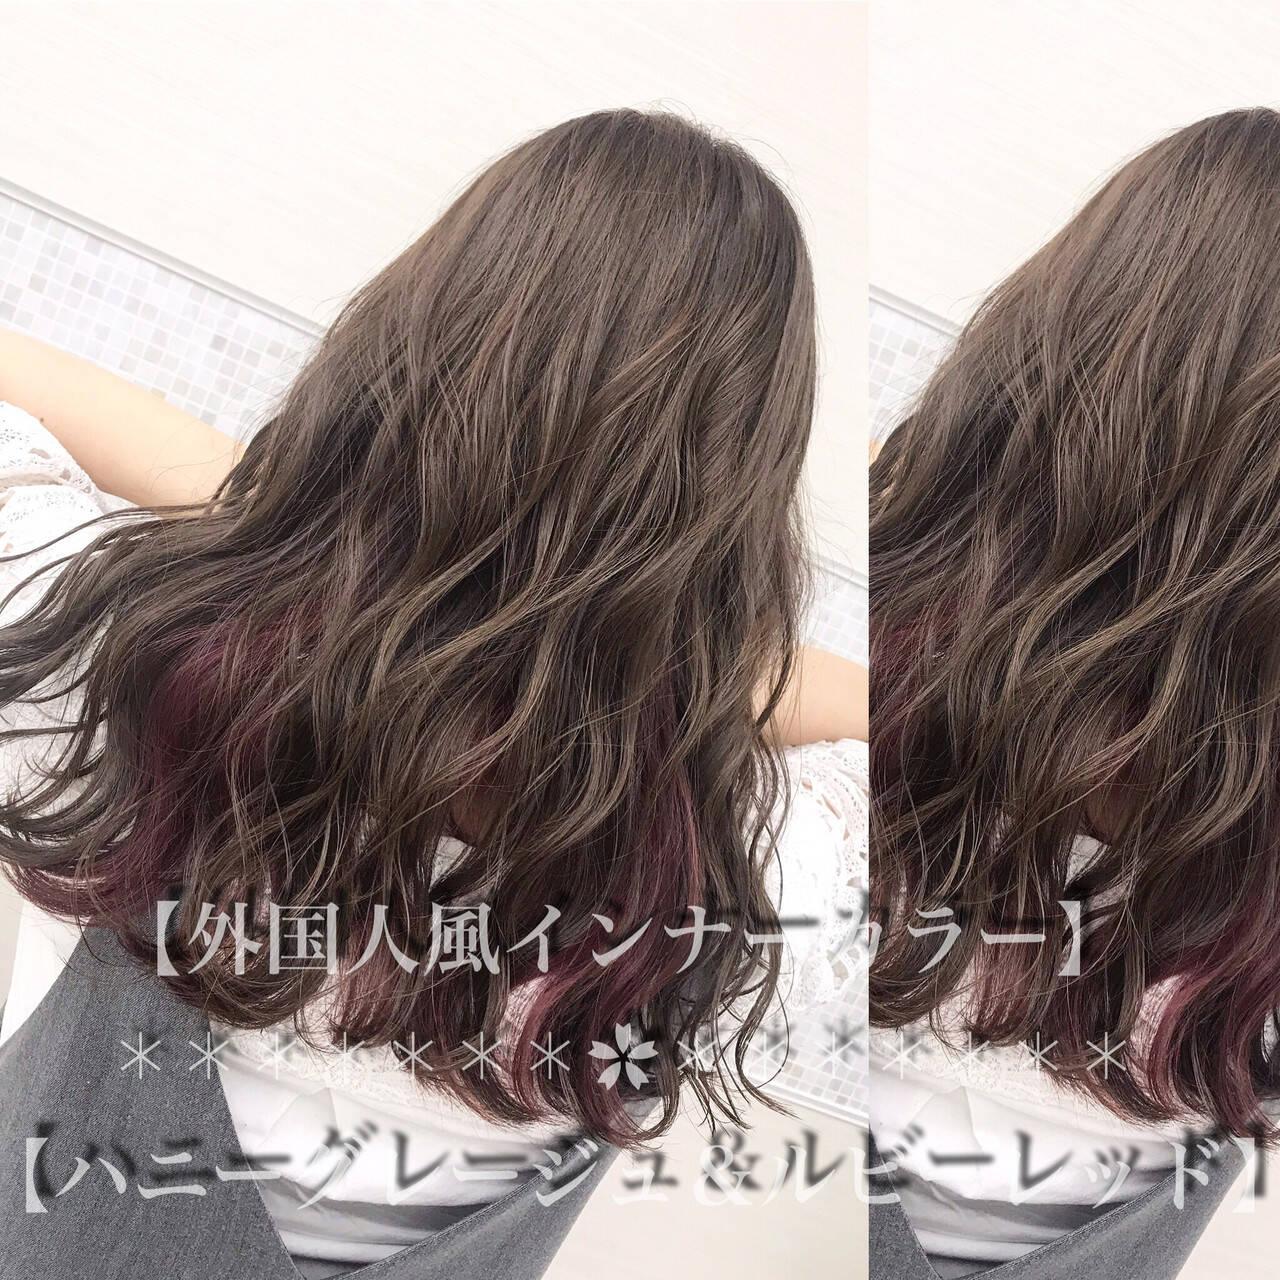 ブラウンベージュ ミルクティーベージュ フェミニン グレージュヘアスタイルや髪型の写真・画像